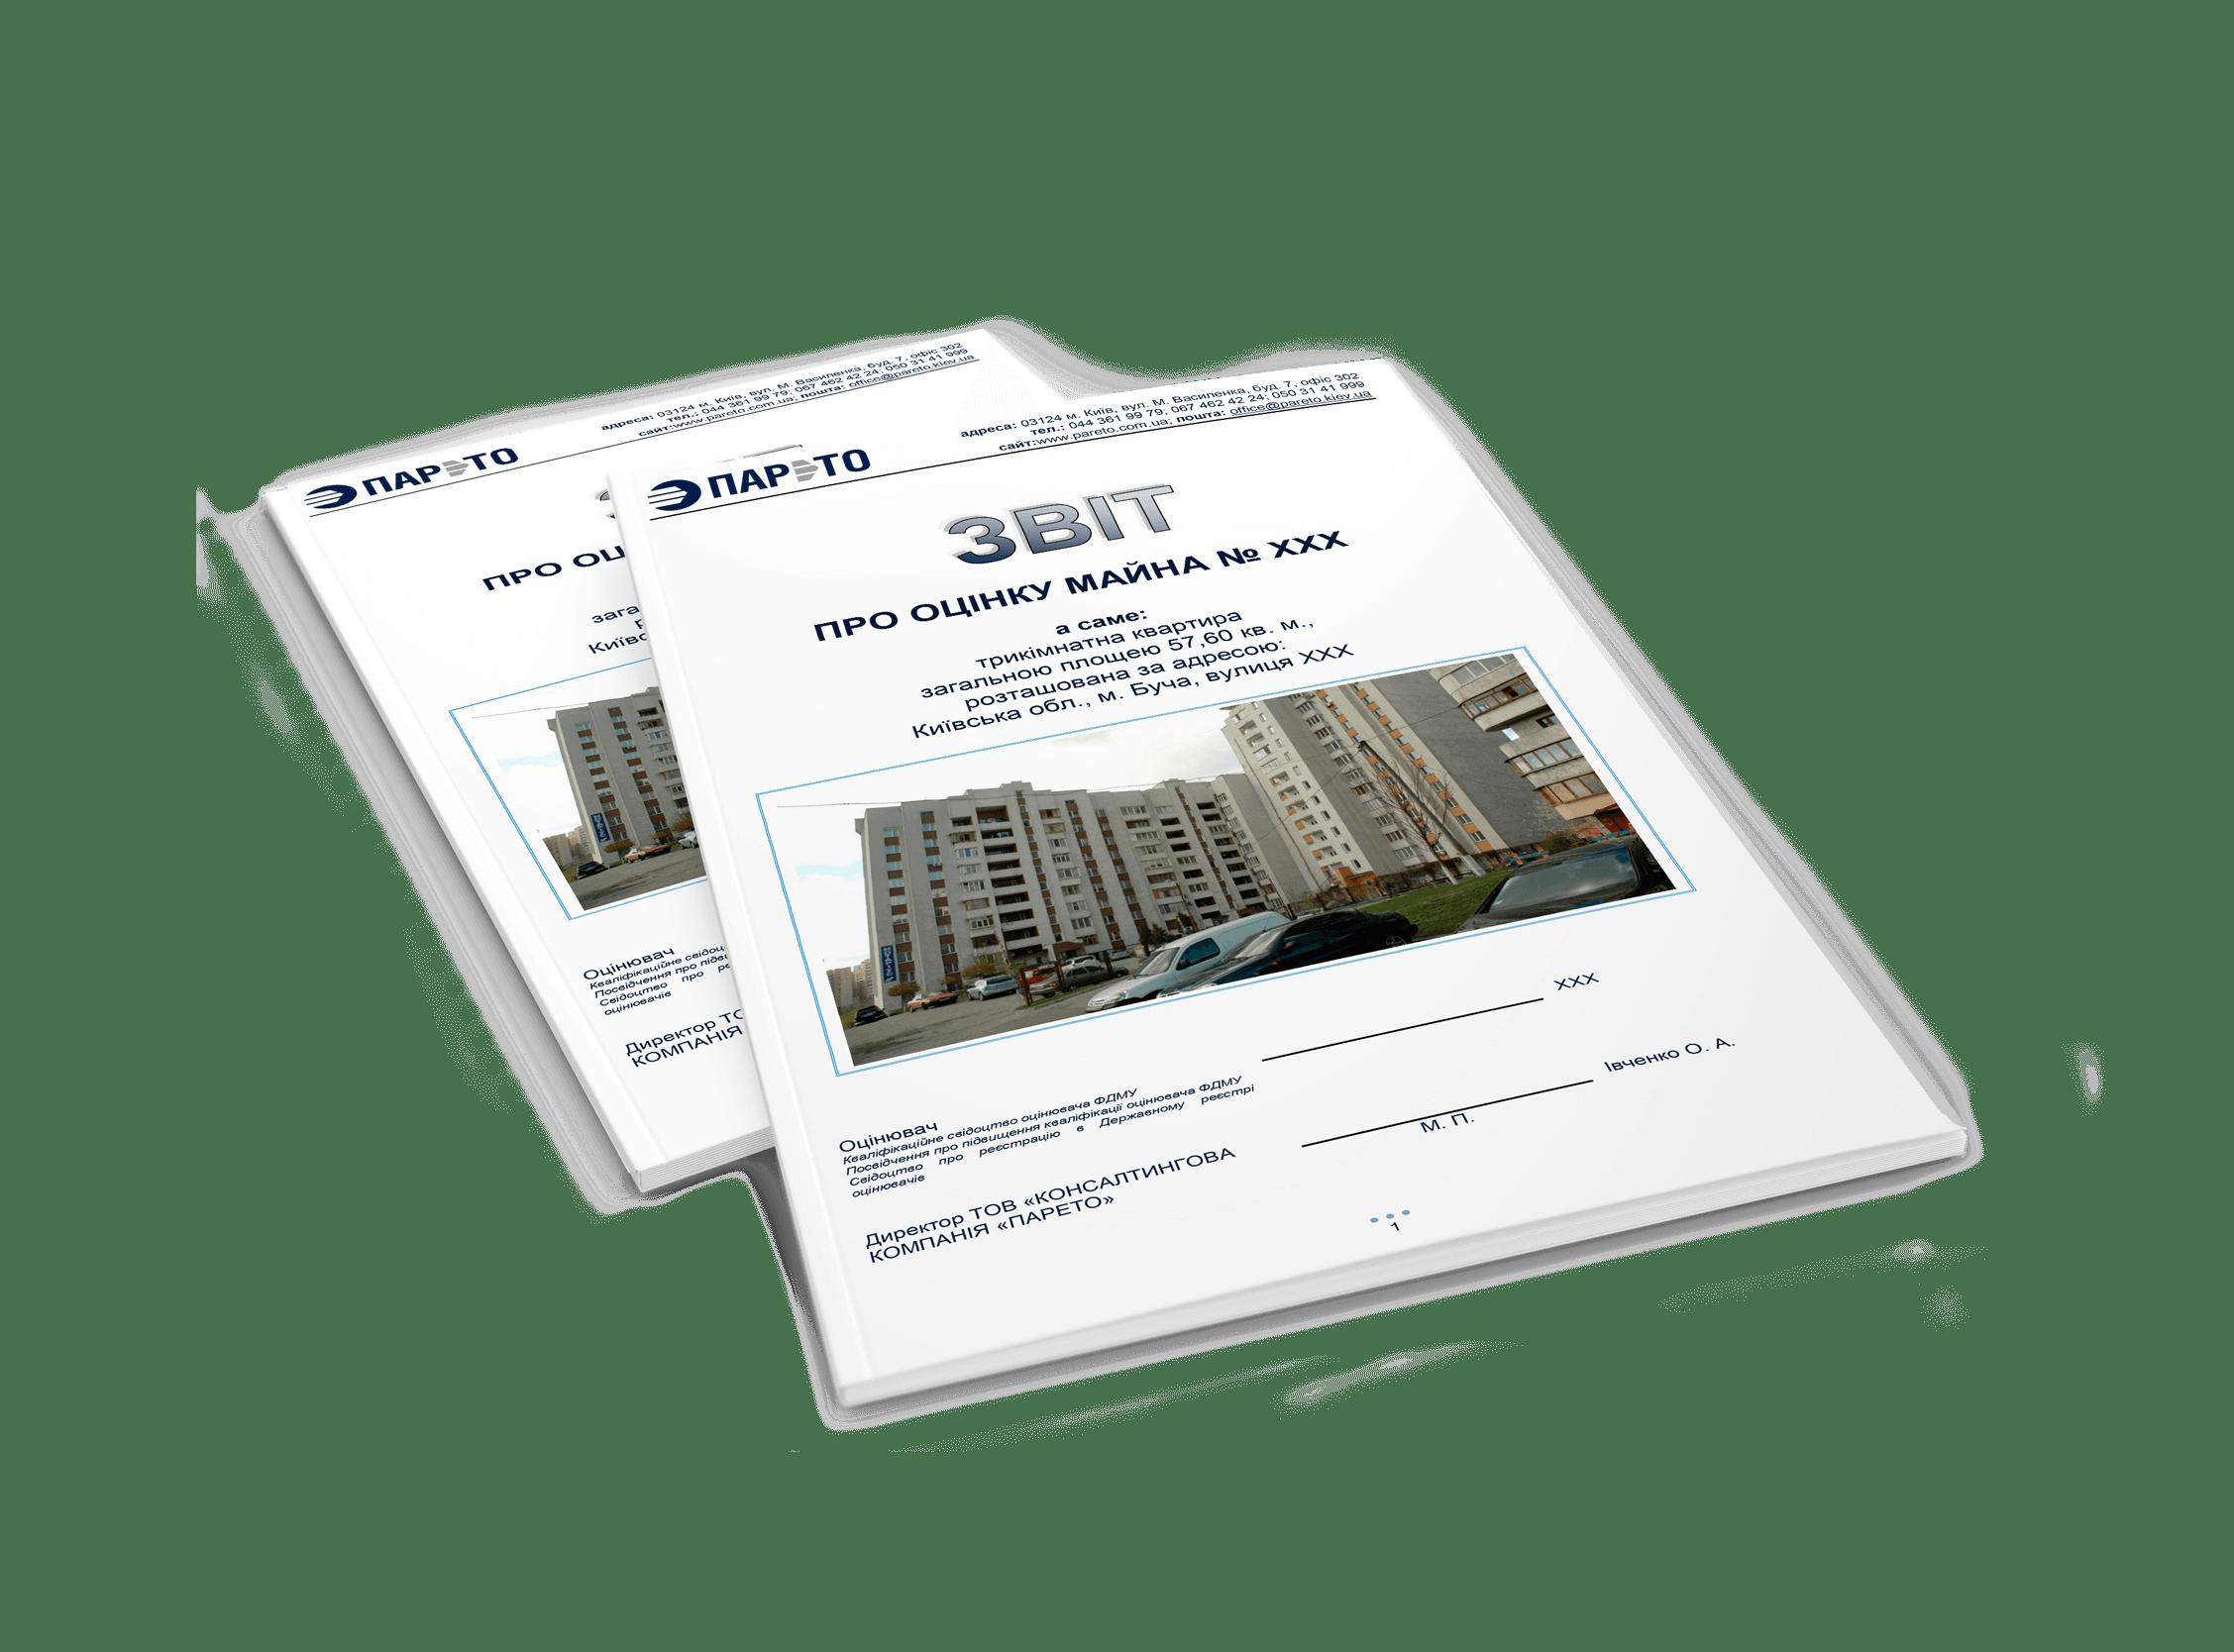 Приклад звіту про оцінку квартири, ЕКСПЕРТНА ОЦІНКА КВАРТИРИ